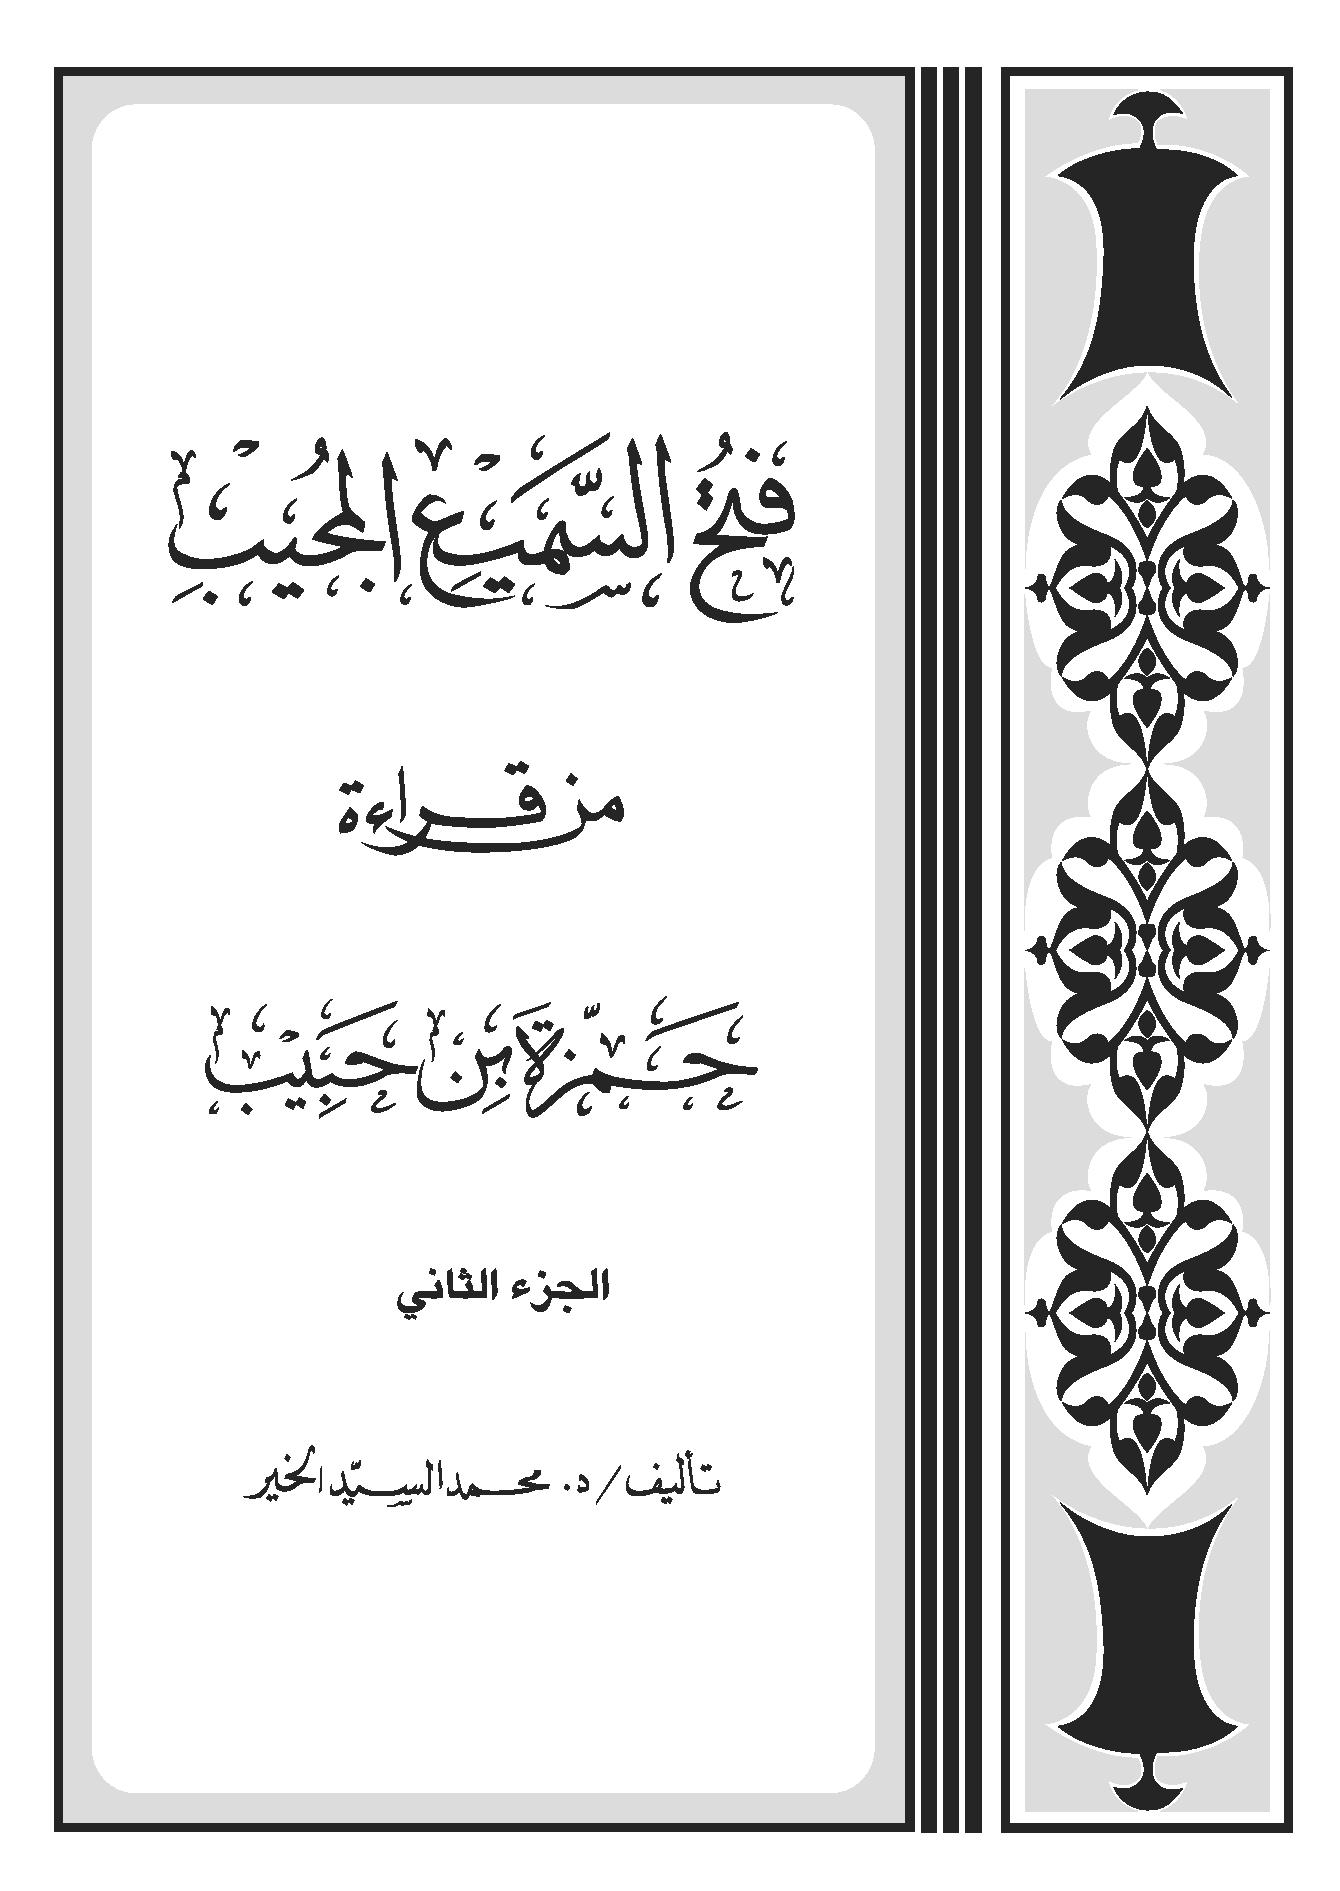 تحميل كتاب فتح السميع المجيب من قراءة حمزة بن حبيب لـِ: الدكتور أبو القاسم محمد السيد الخير